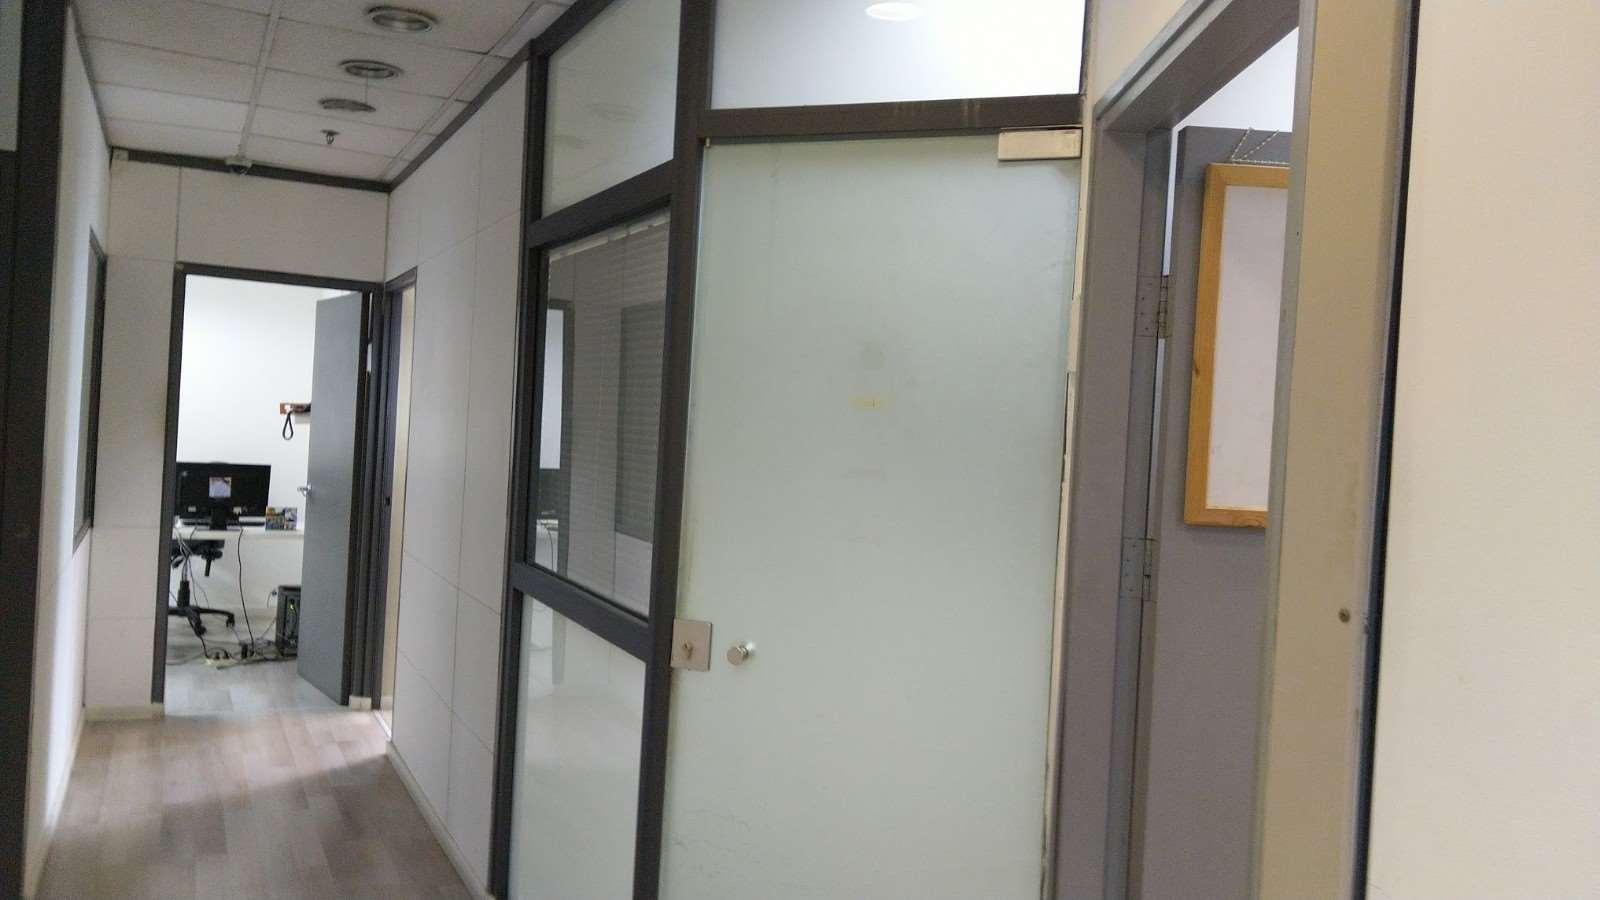 משרדים השכרה בתל אביב יפו הברזל 600 מר משרד להשכרה מידית